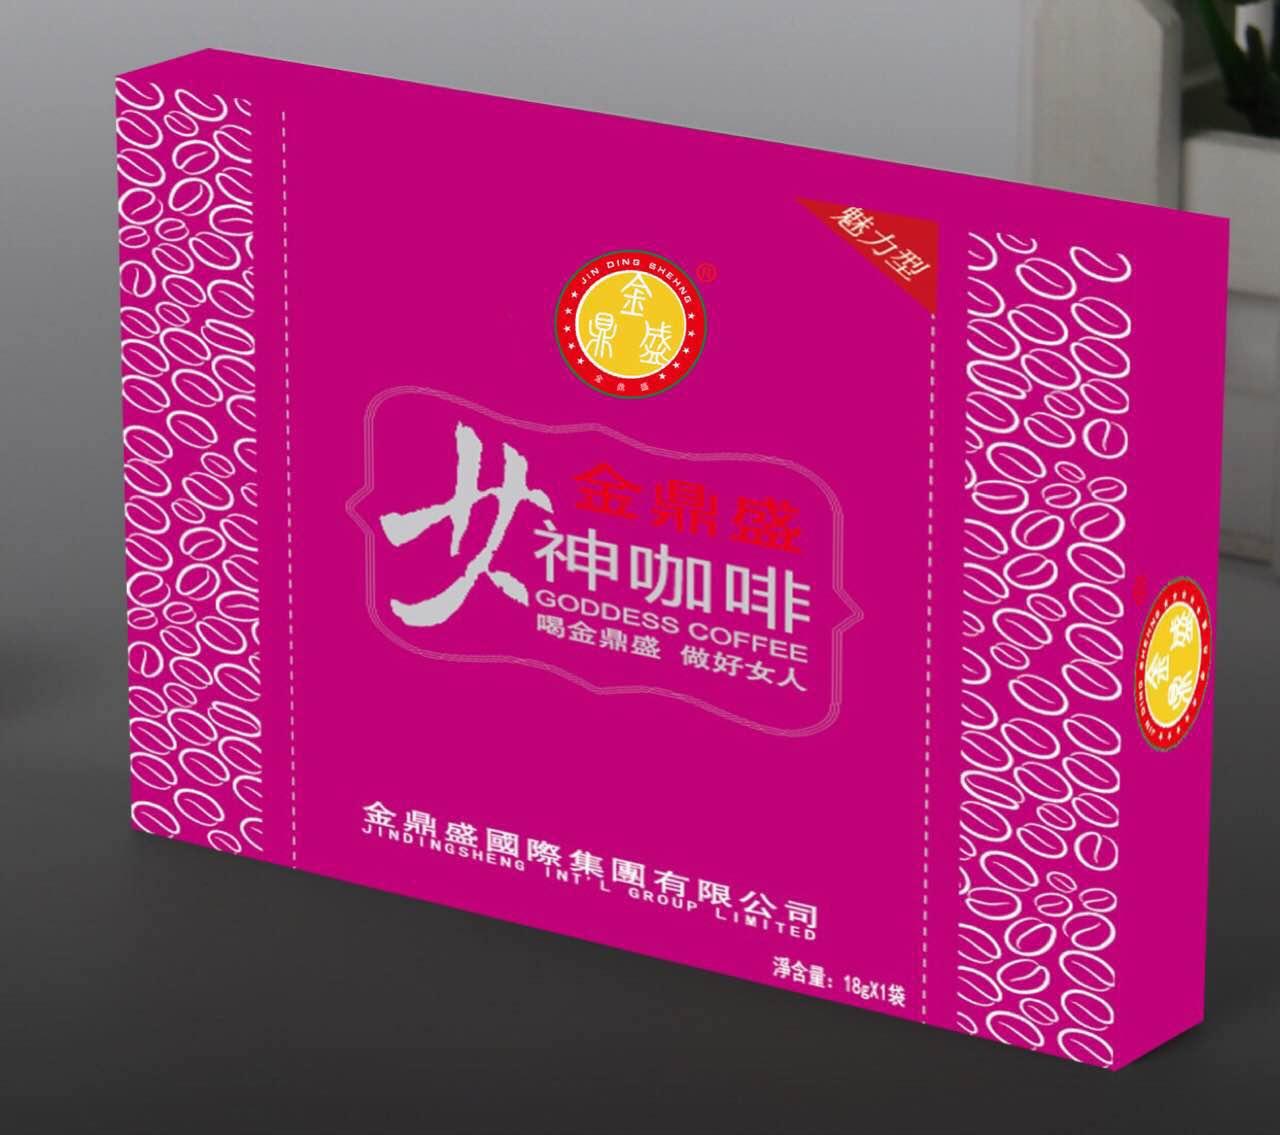 金鼎盛女神咖啡是什么 女神咖啡魅力版荣喆堂生物科技专业供应